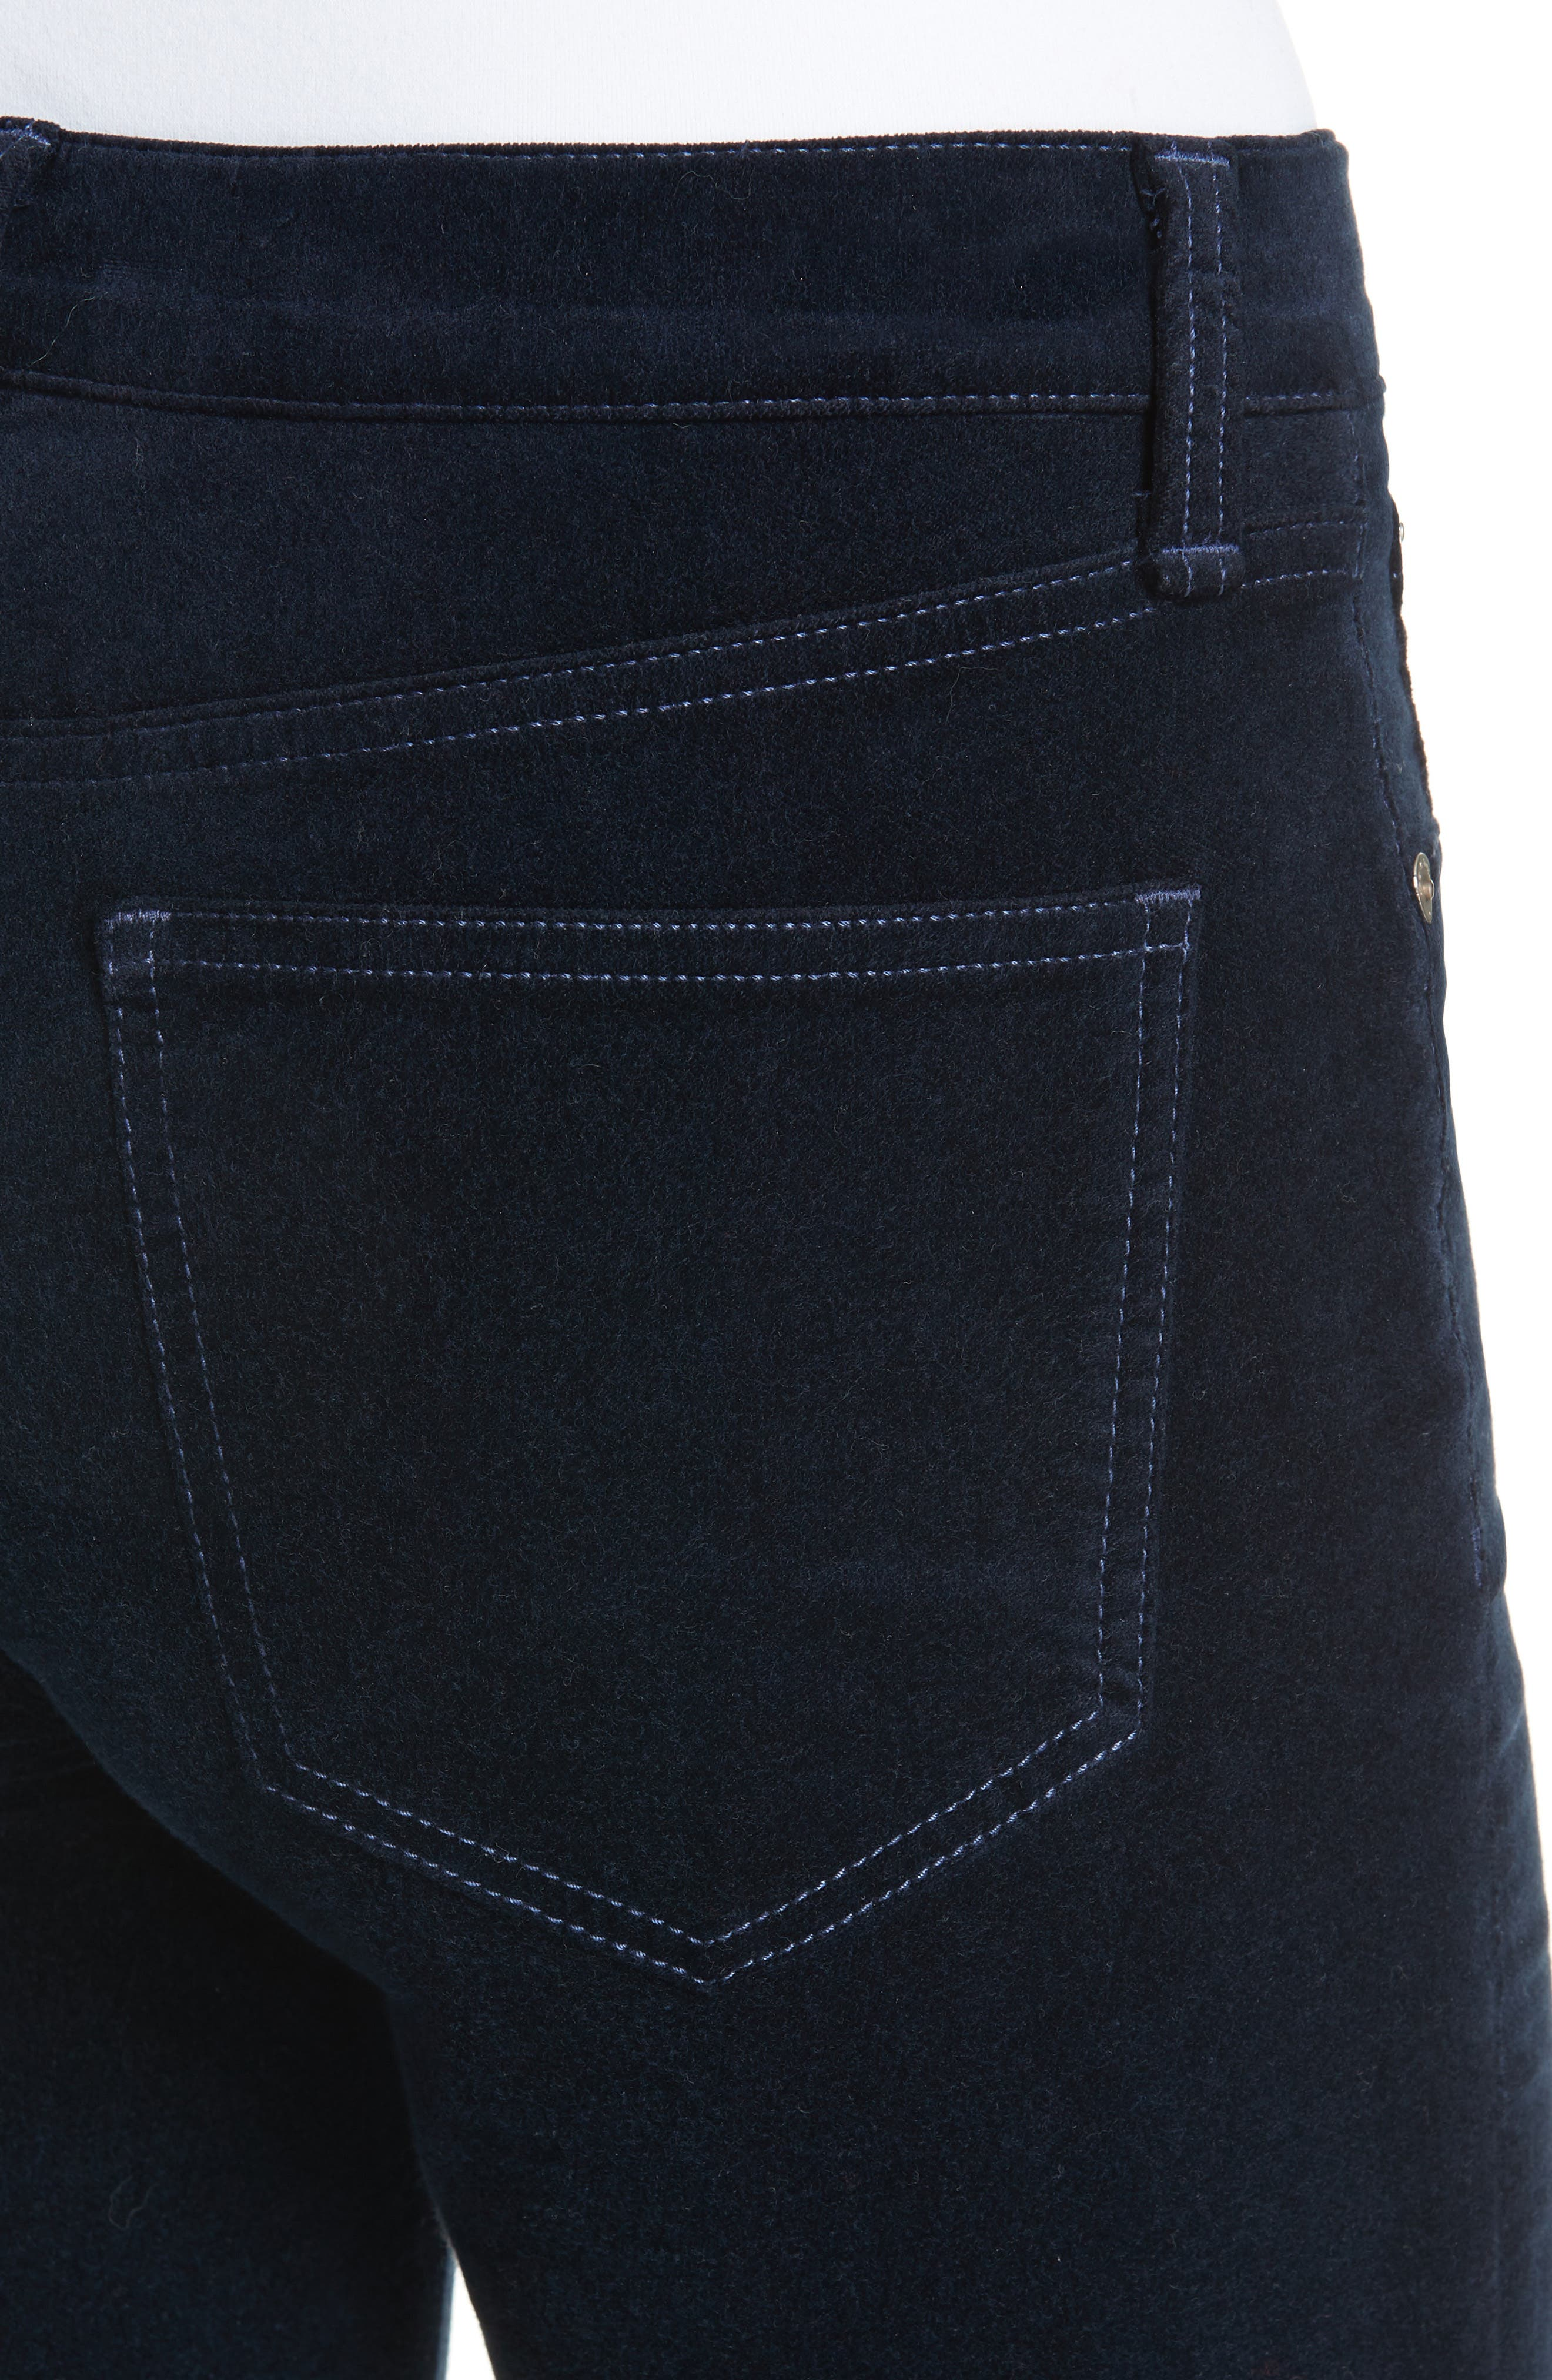 Dojo High Waist Velvet Crop Skinny Pants,                             Alternate thumbnail 4, color,                             NAVY